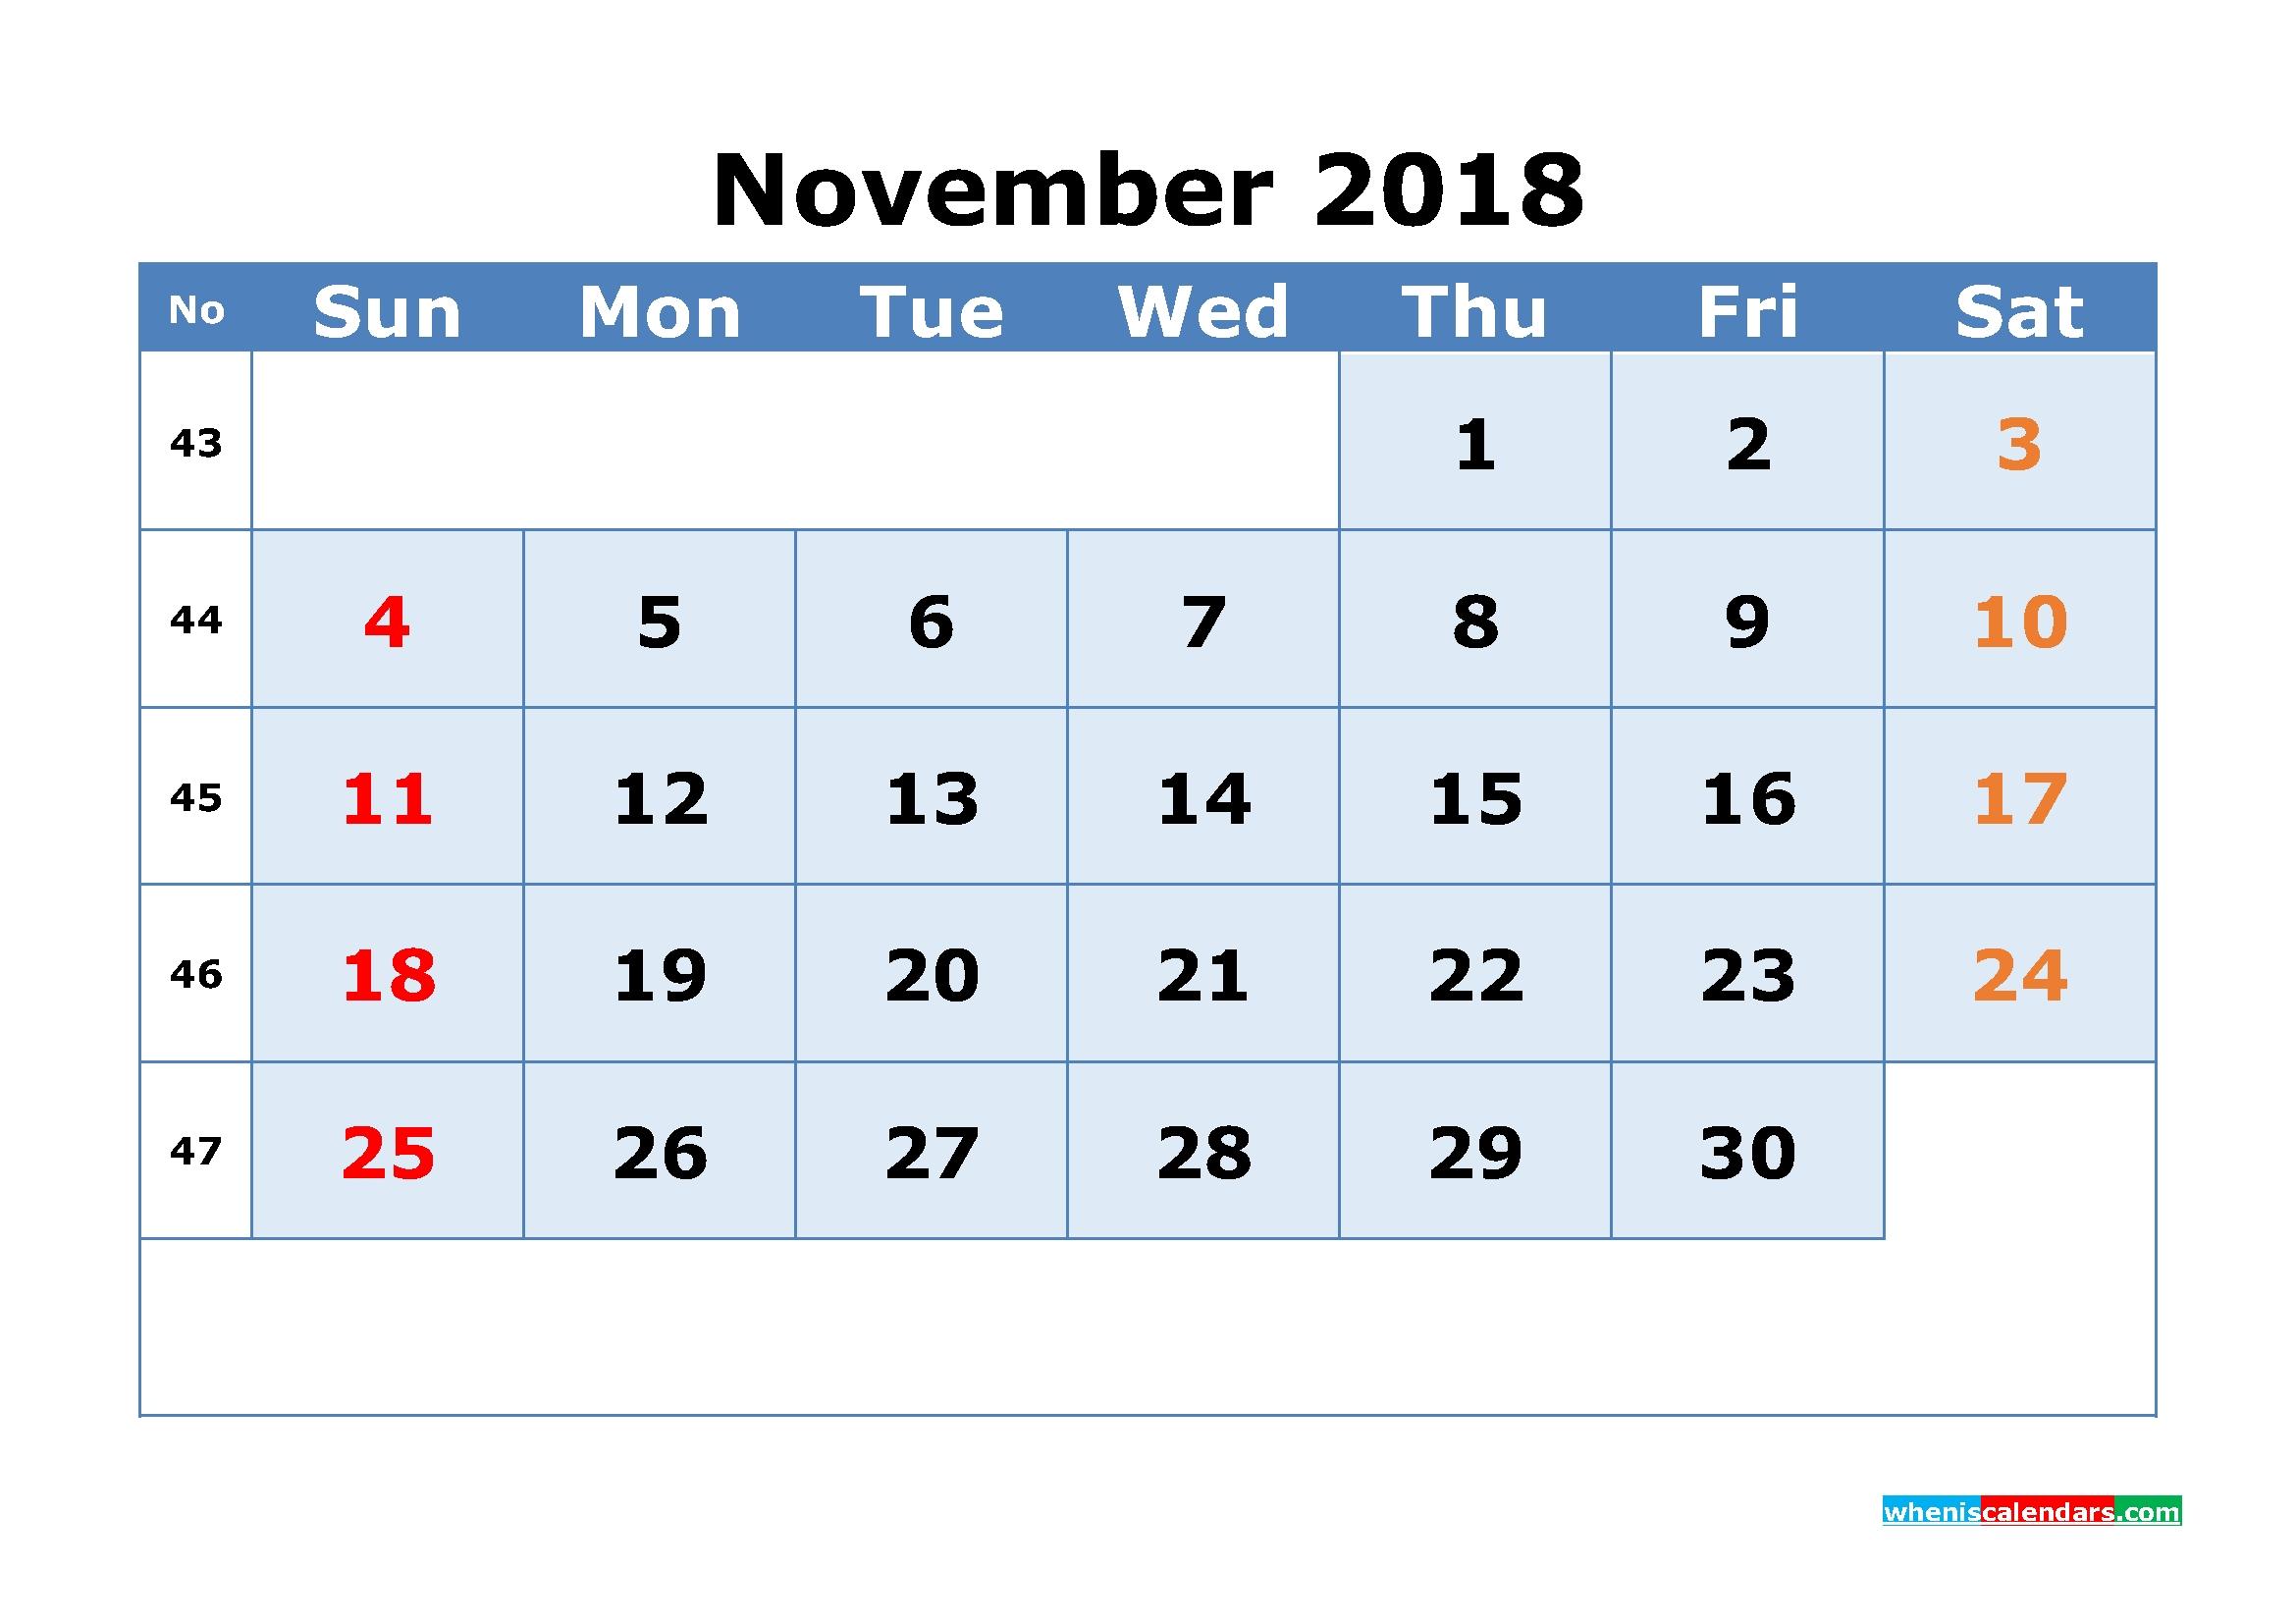 Printable Calendar November 2018 With Week Numbers As, Image | Free throughout Calendar Weeks Printable No Datwes